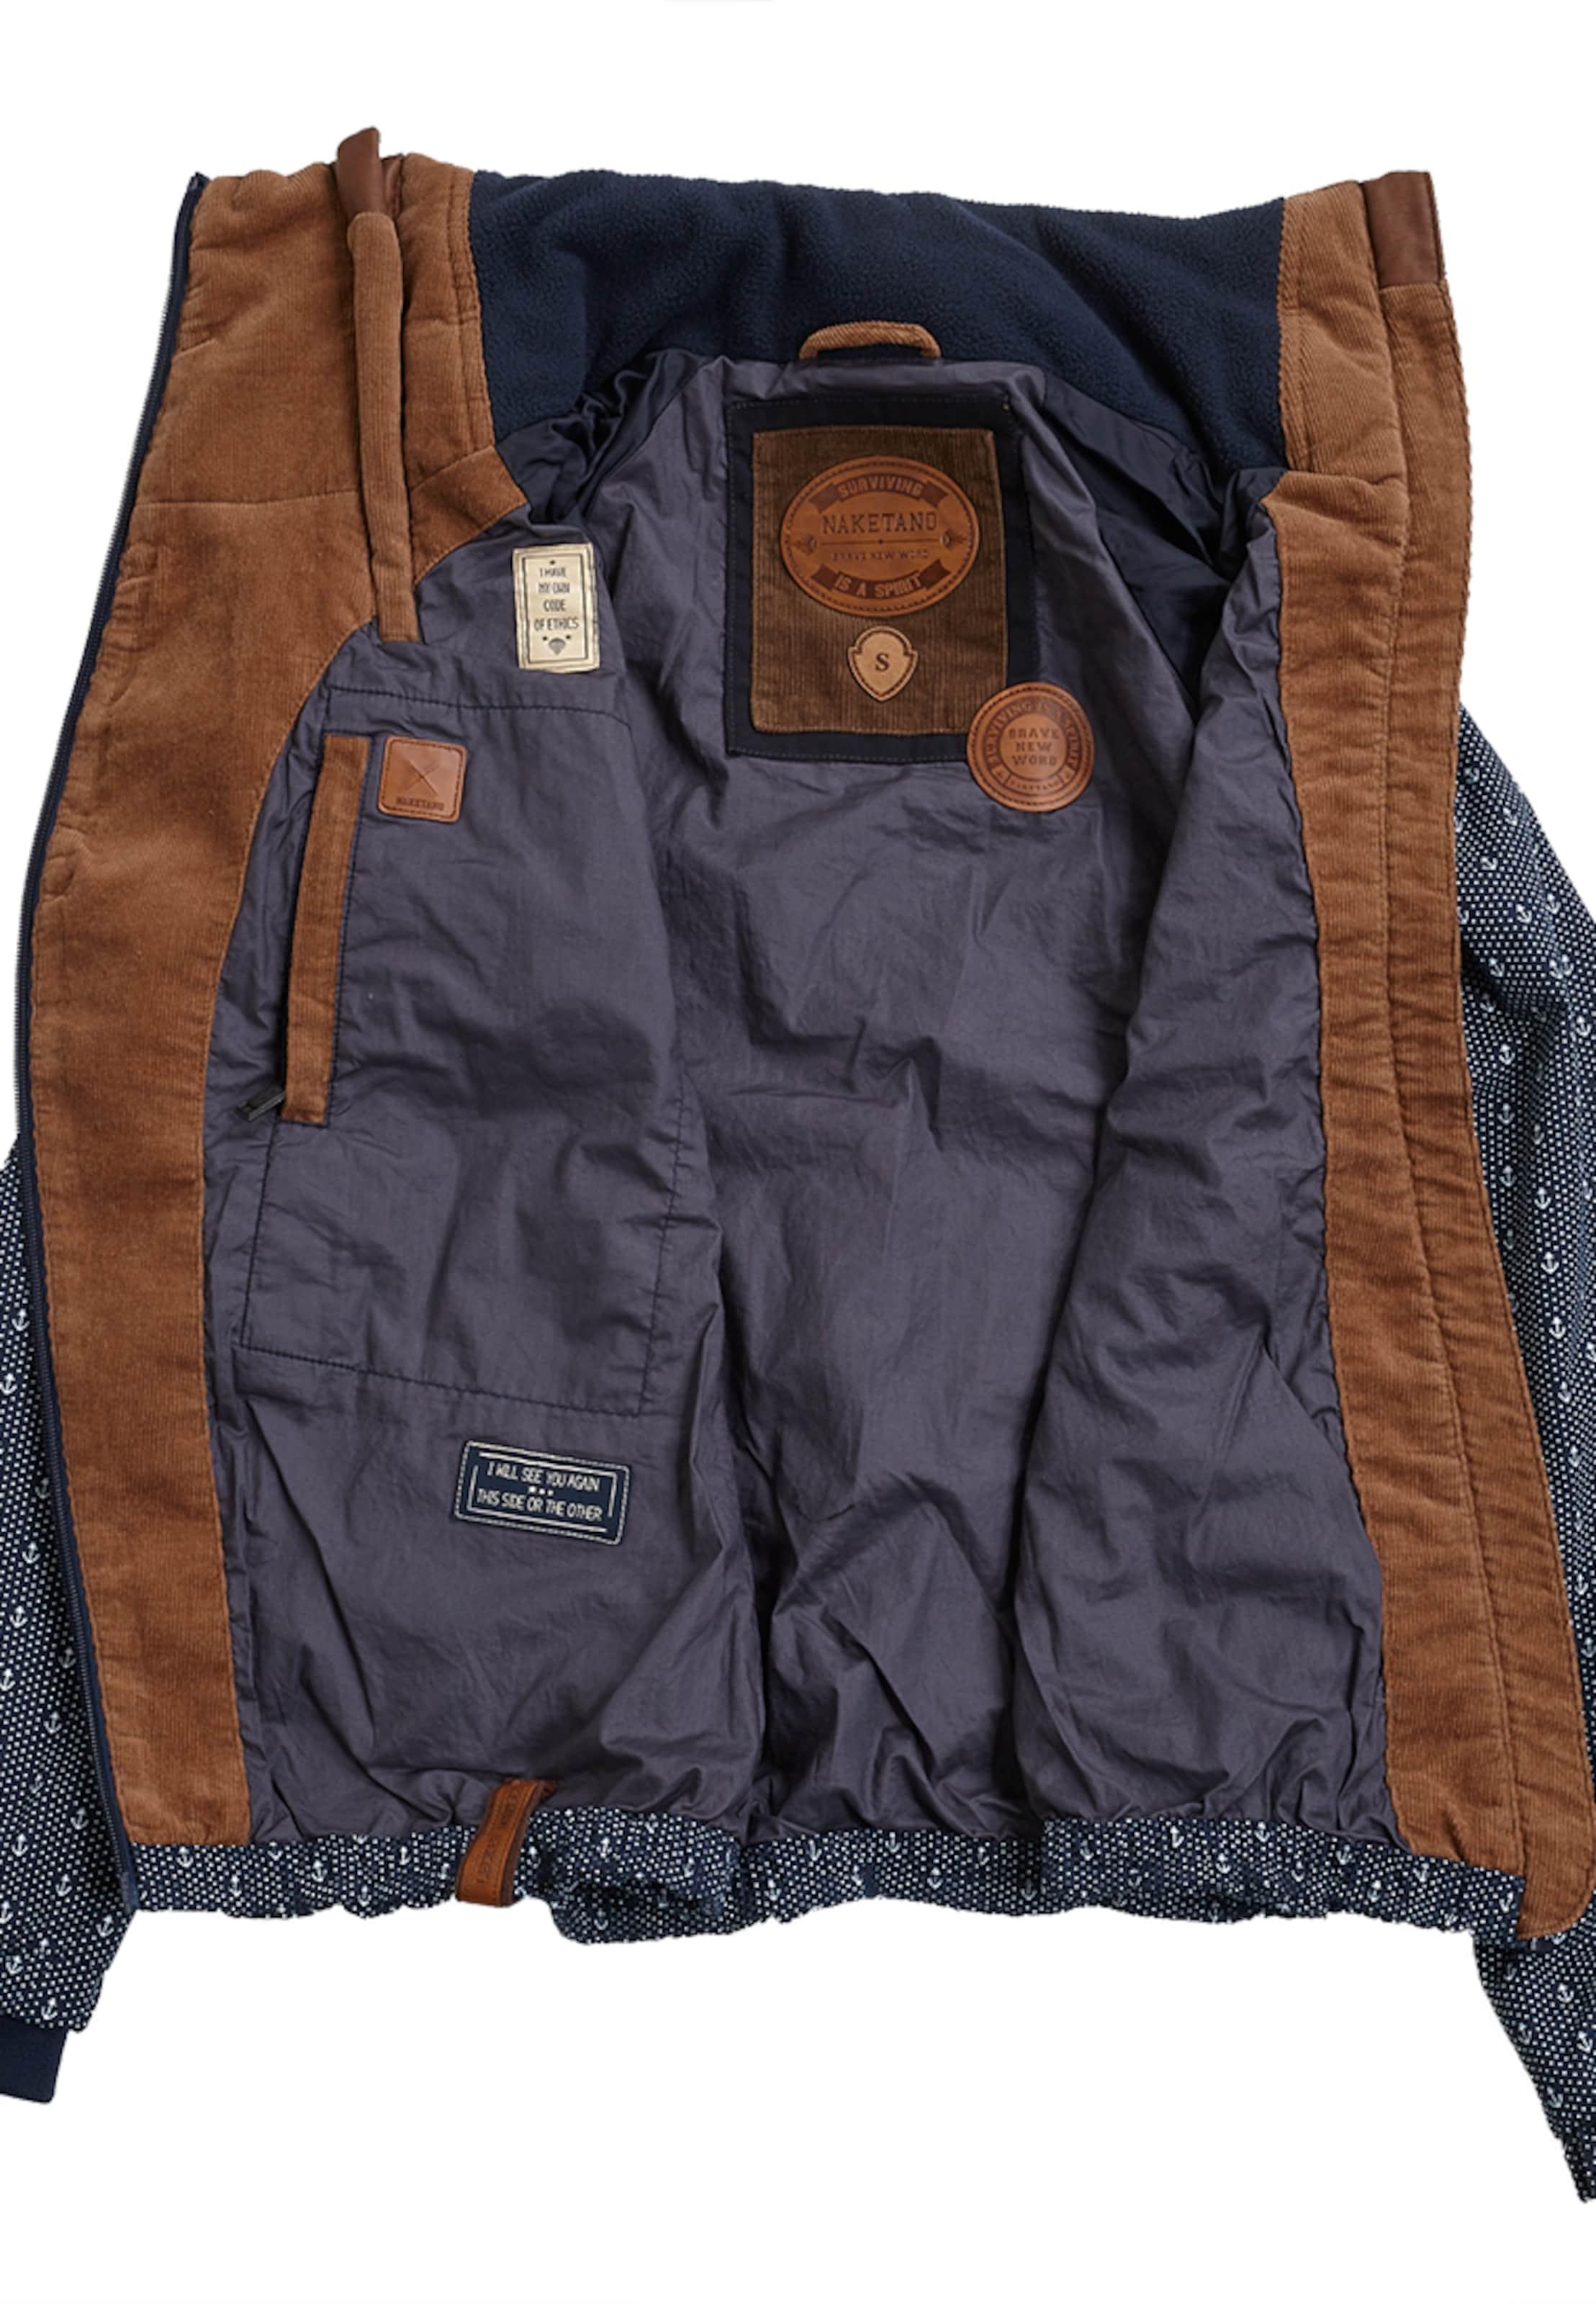 Empfehlen Rabatt Gefälschte Online naketano Jacke mit Anker-Motiven Spielraum Gut Verkaufen 2018 Auslaß BCjb1Y